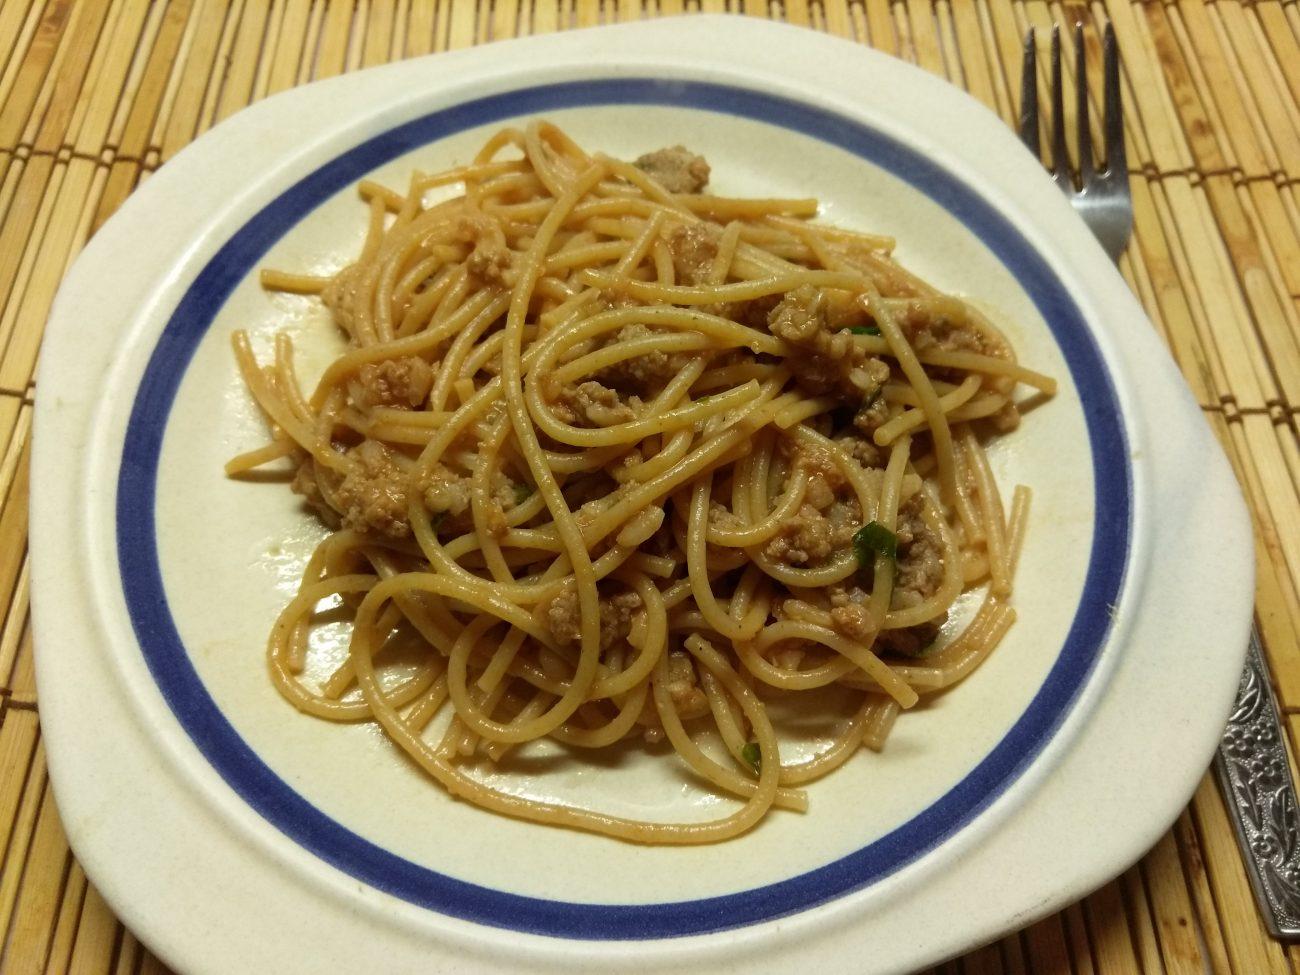 Спагетти со свиным фаршем и петрушкой в томатном соусе